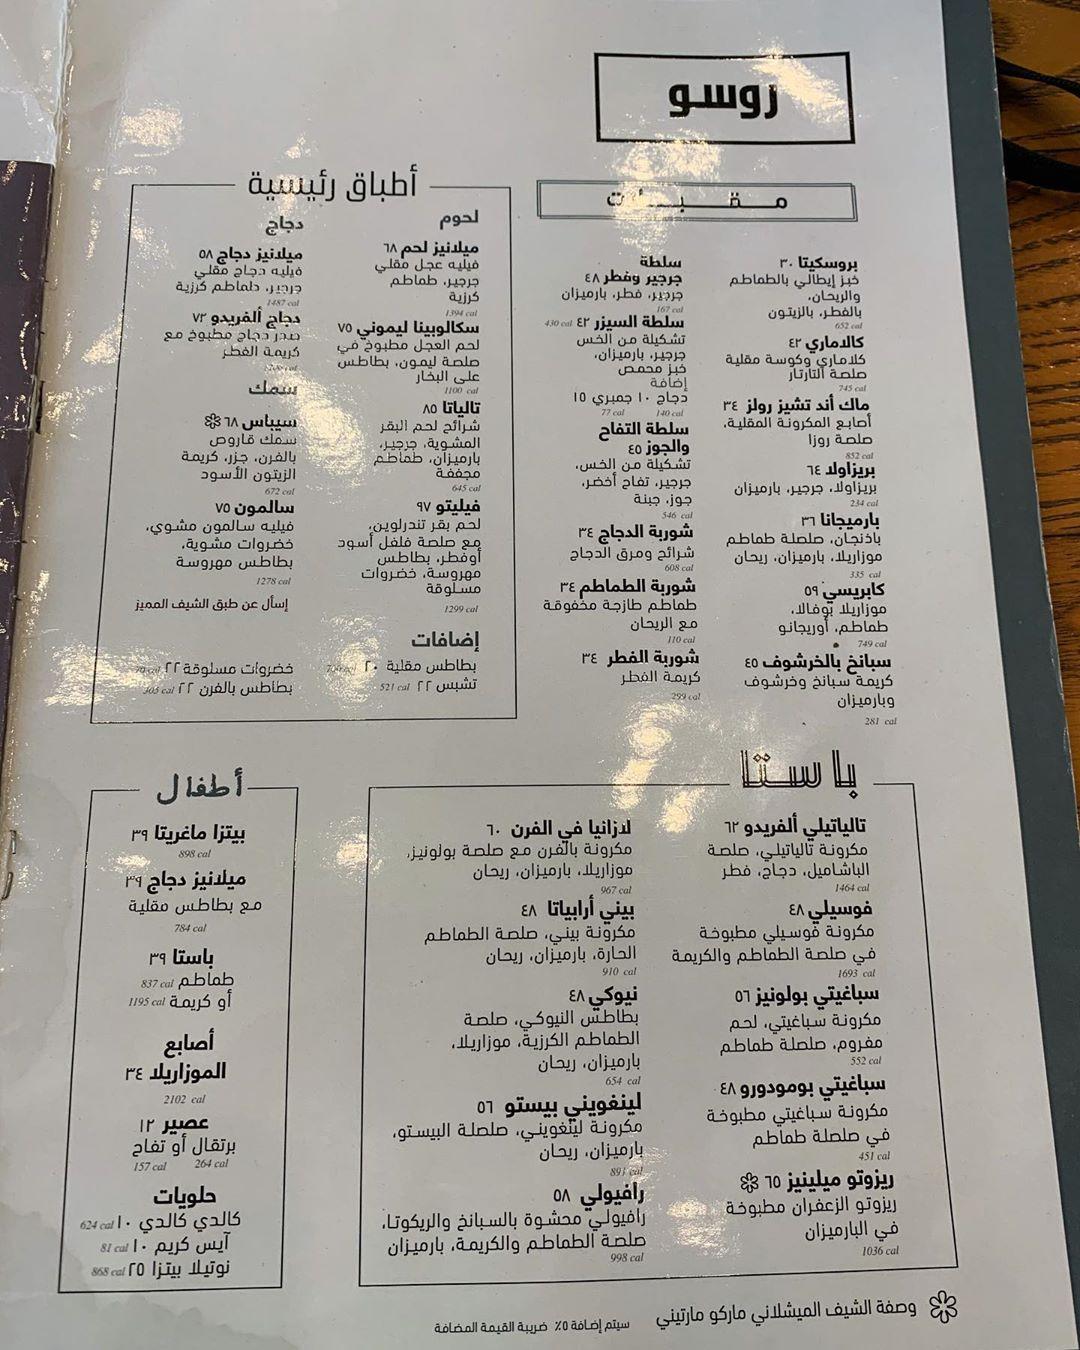 منيو كافيه جلسة في جدة